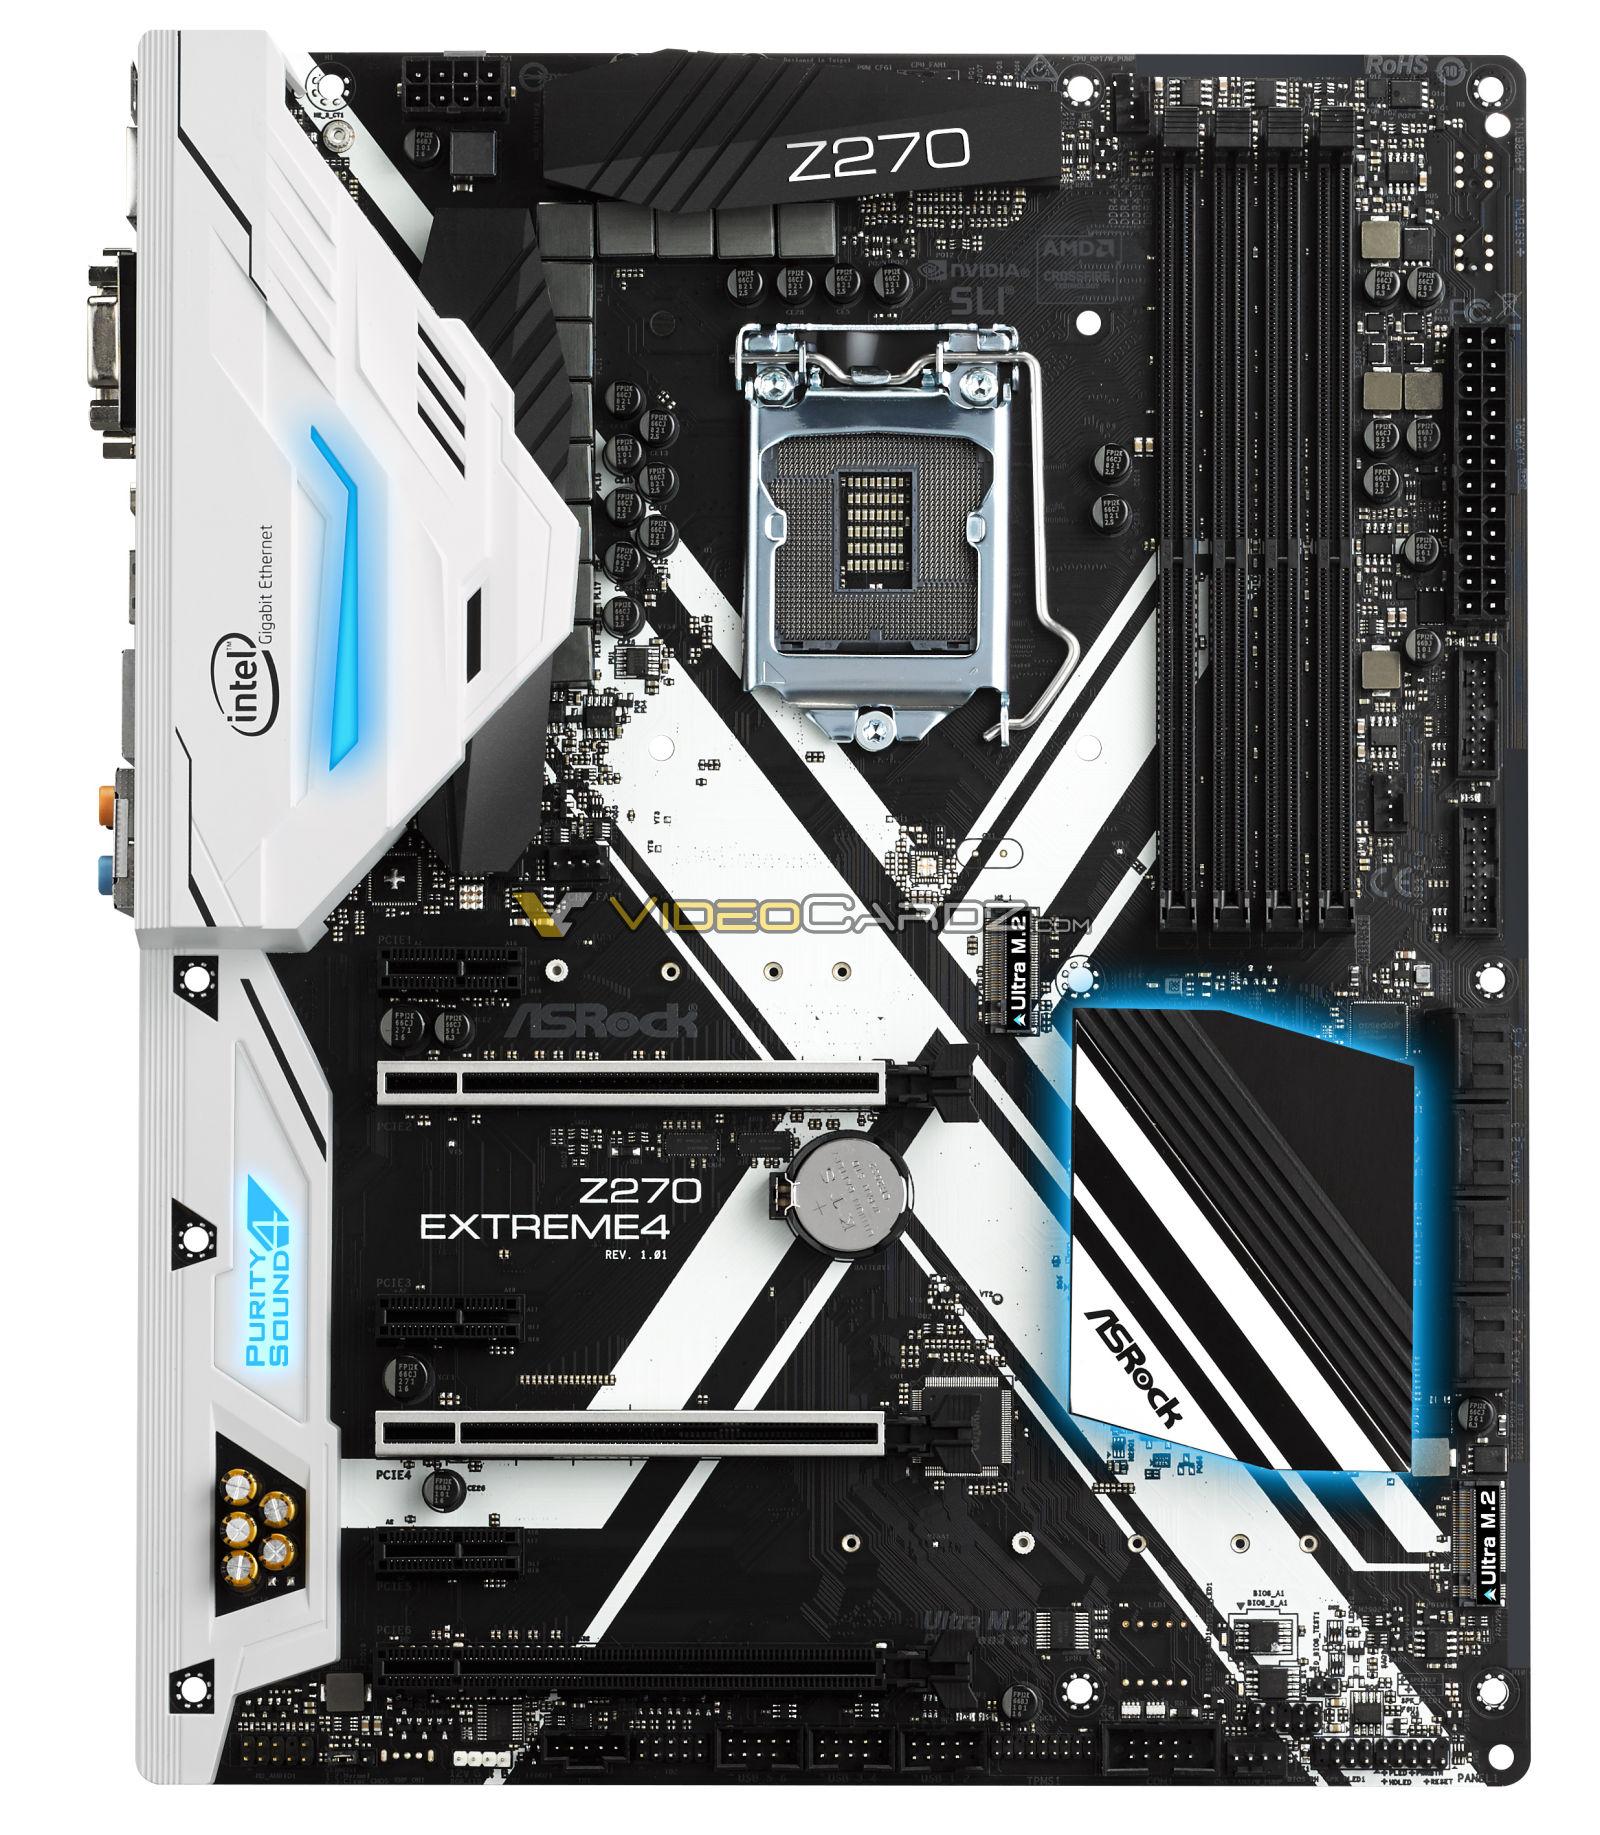 ASRock Z270 Extreme4 0